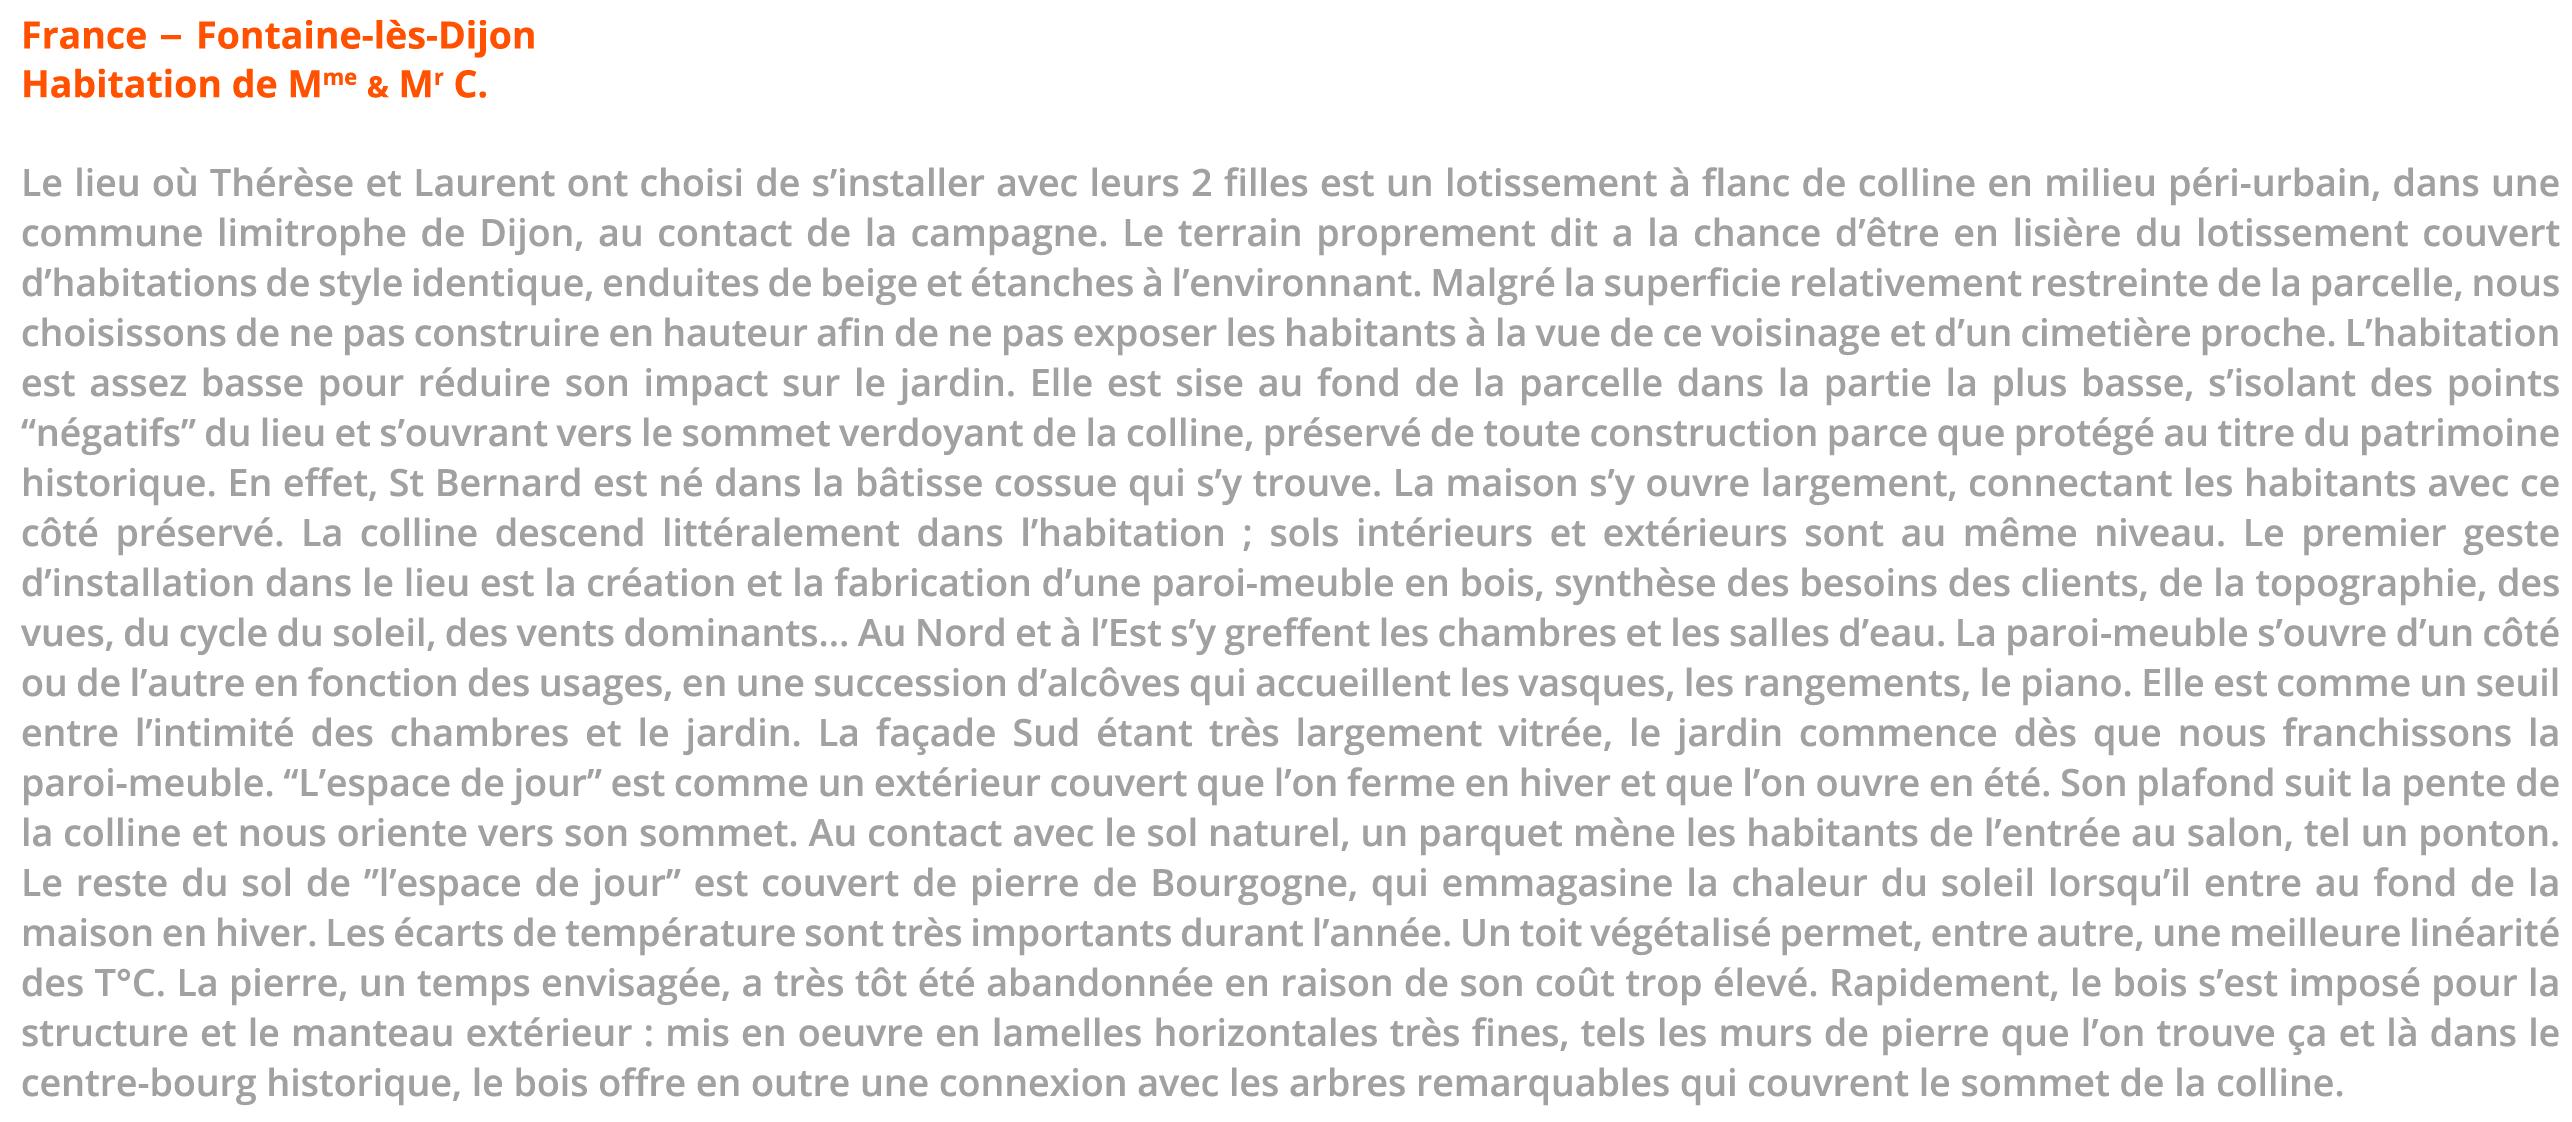 France-Fontaine-les-Dijon-Texte.png